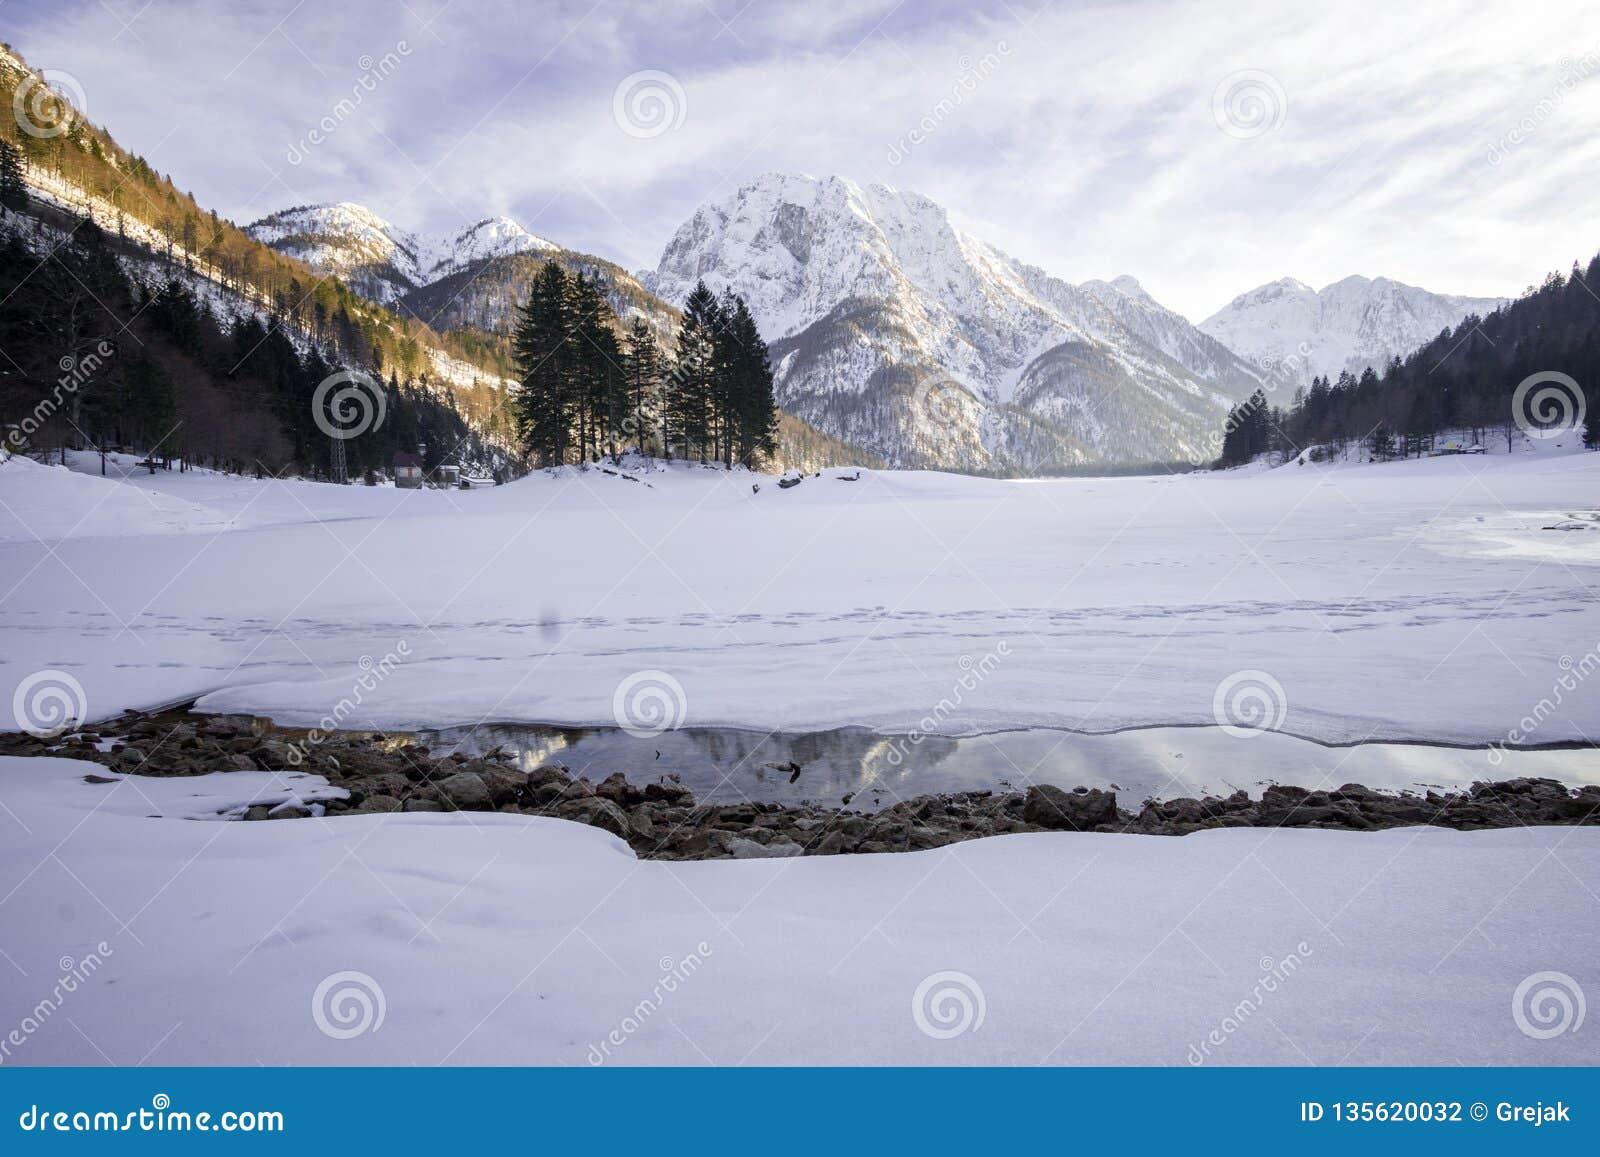 Παγωμένη λίμνη που καλύπτεται στο χιόνι με το χιονώδες βουνό στην πλάτη